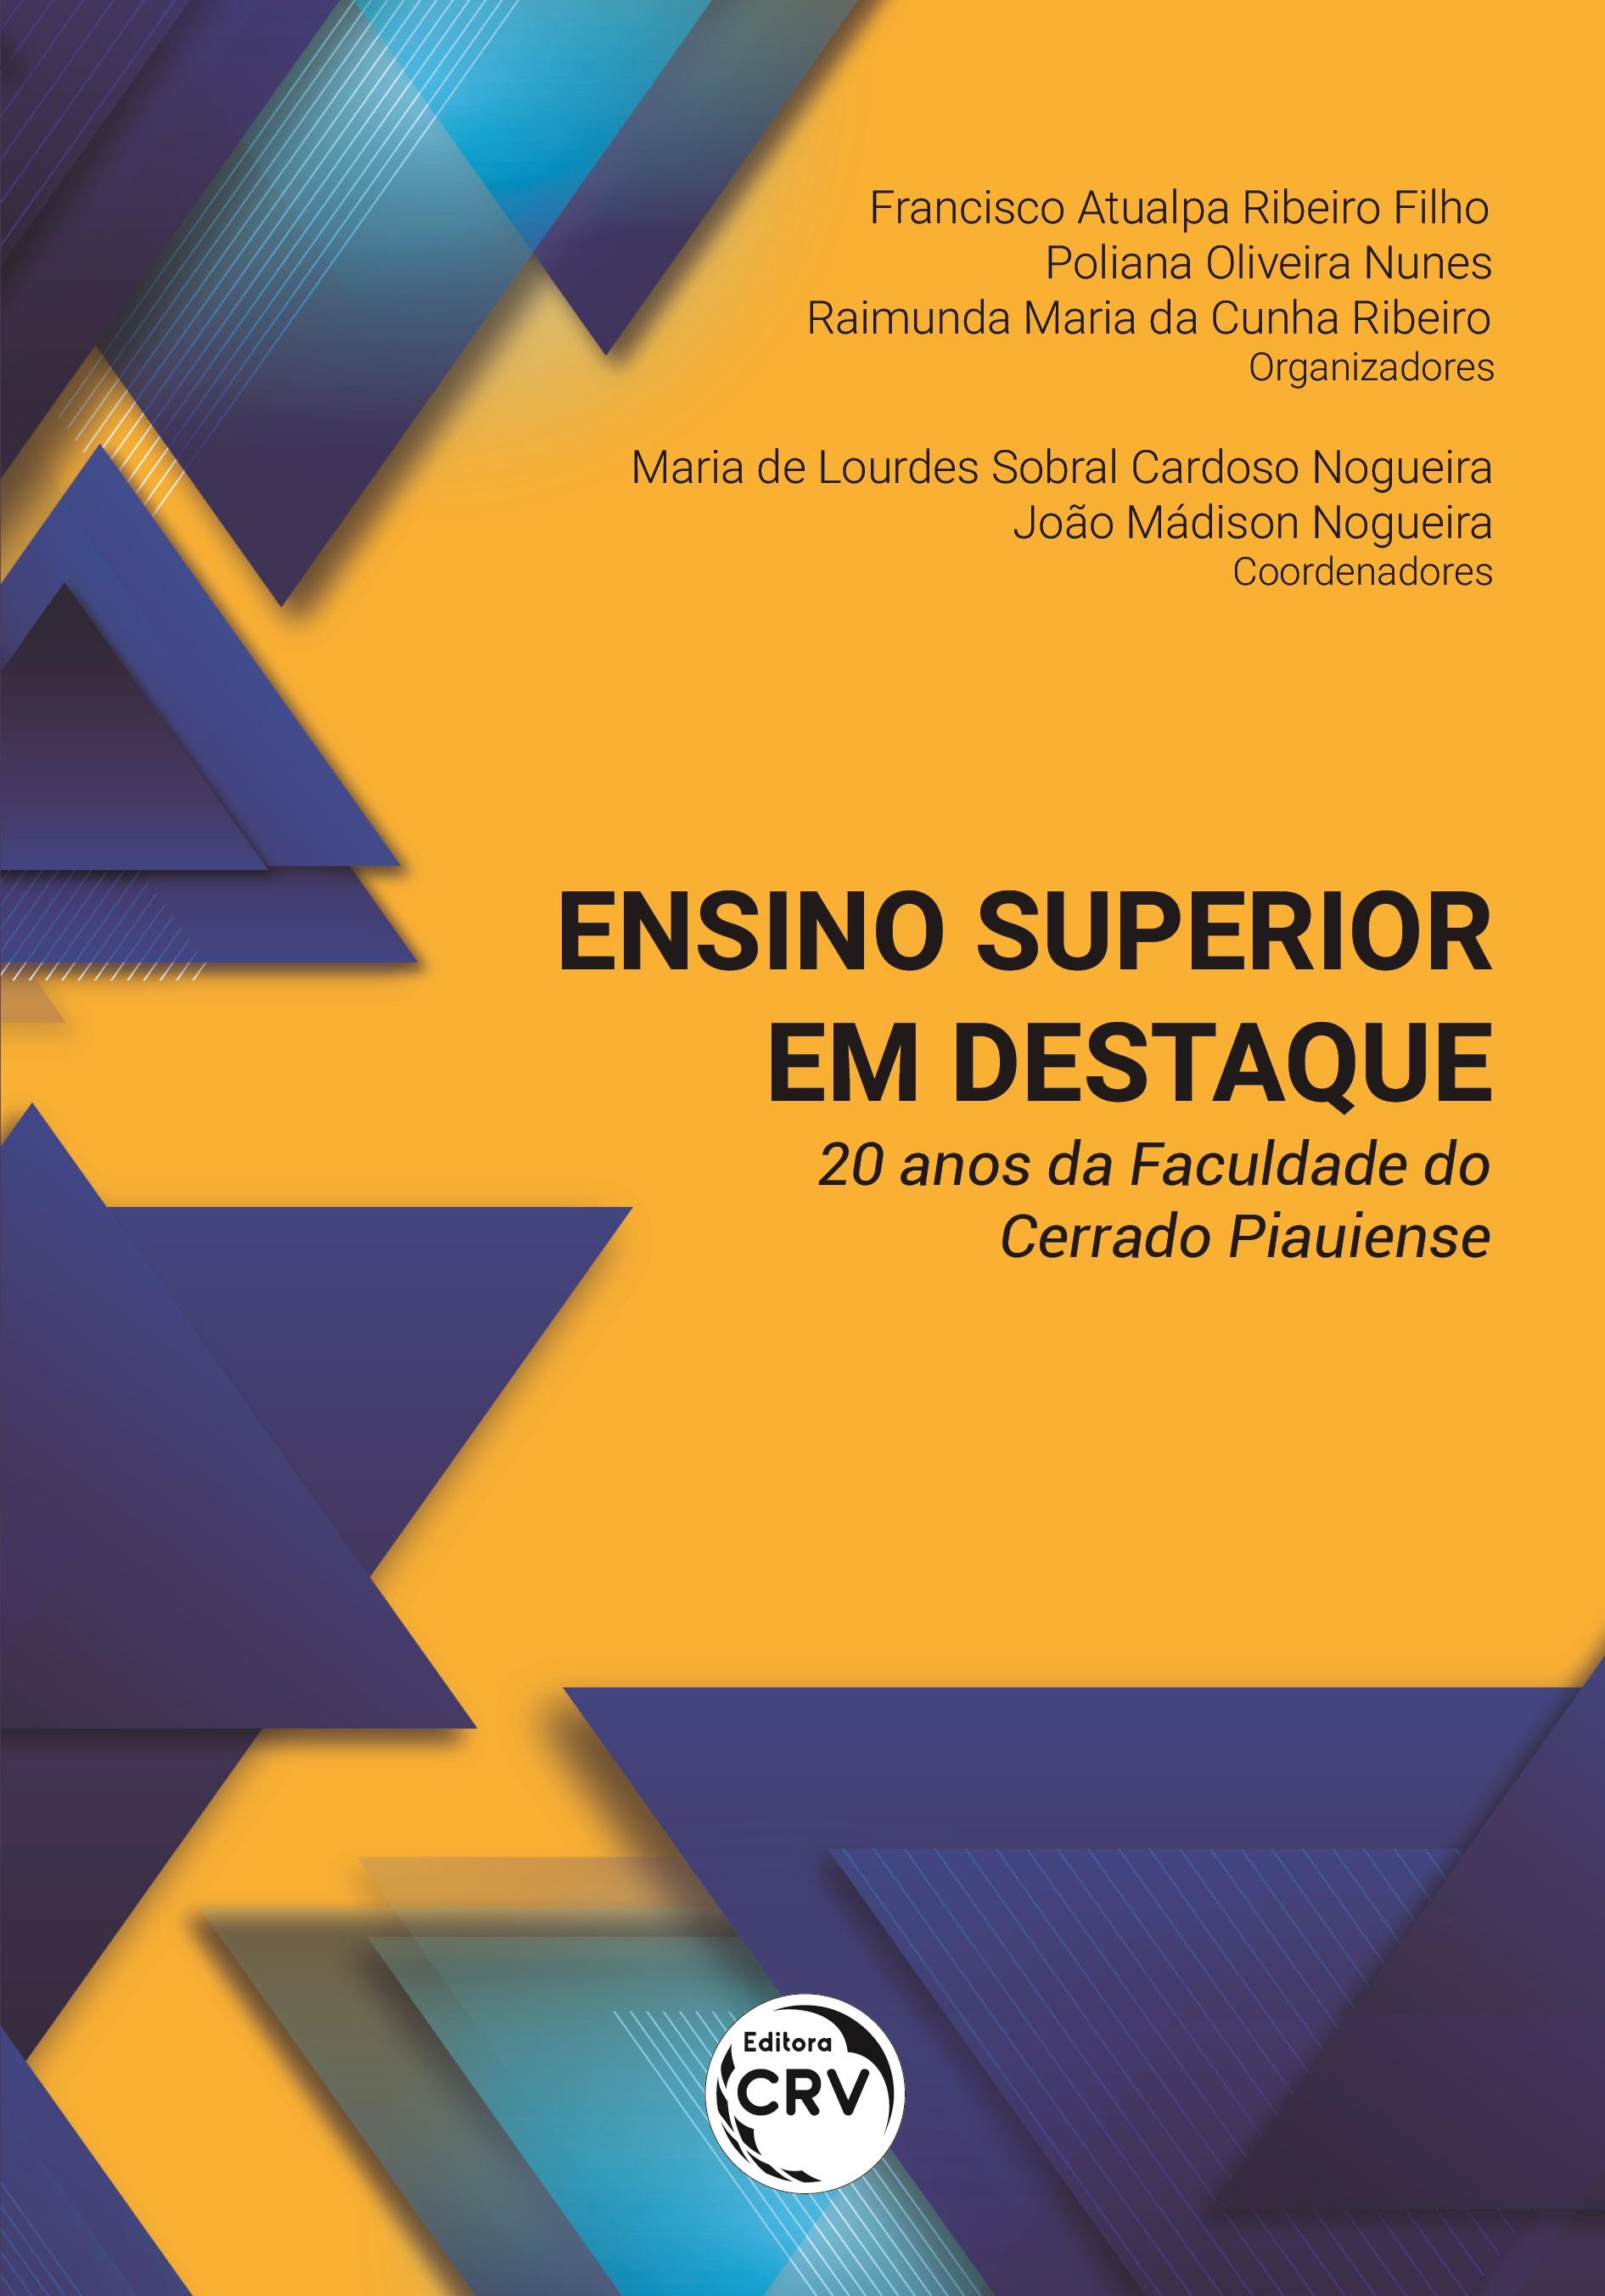 Capa do livro: ENSINO SUPERIOR EM DESTAQUE: <br>20 anos da Faculdade do Cerrado Piauiense